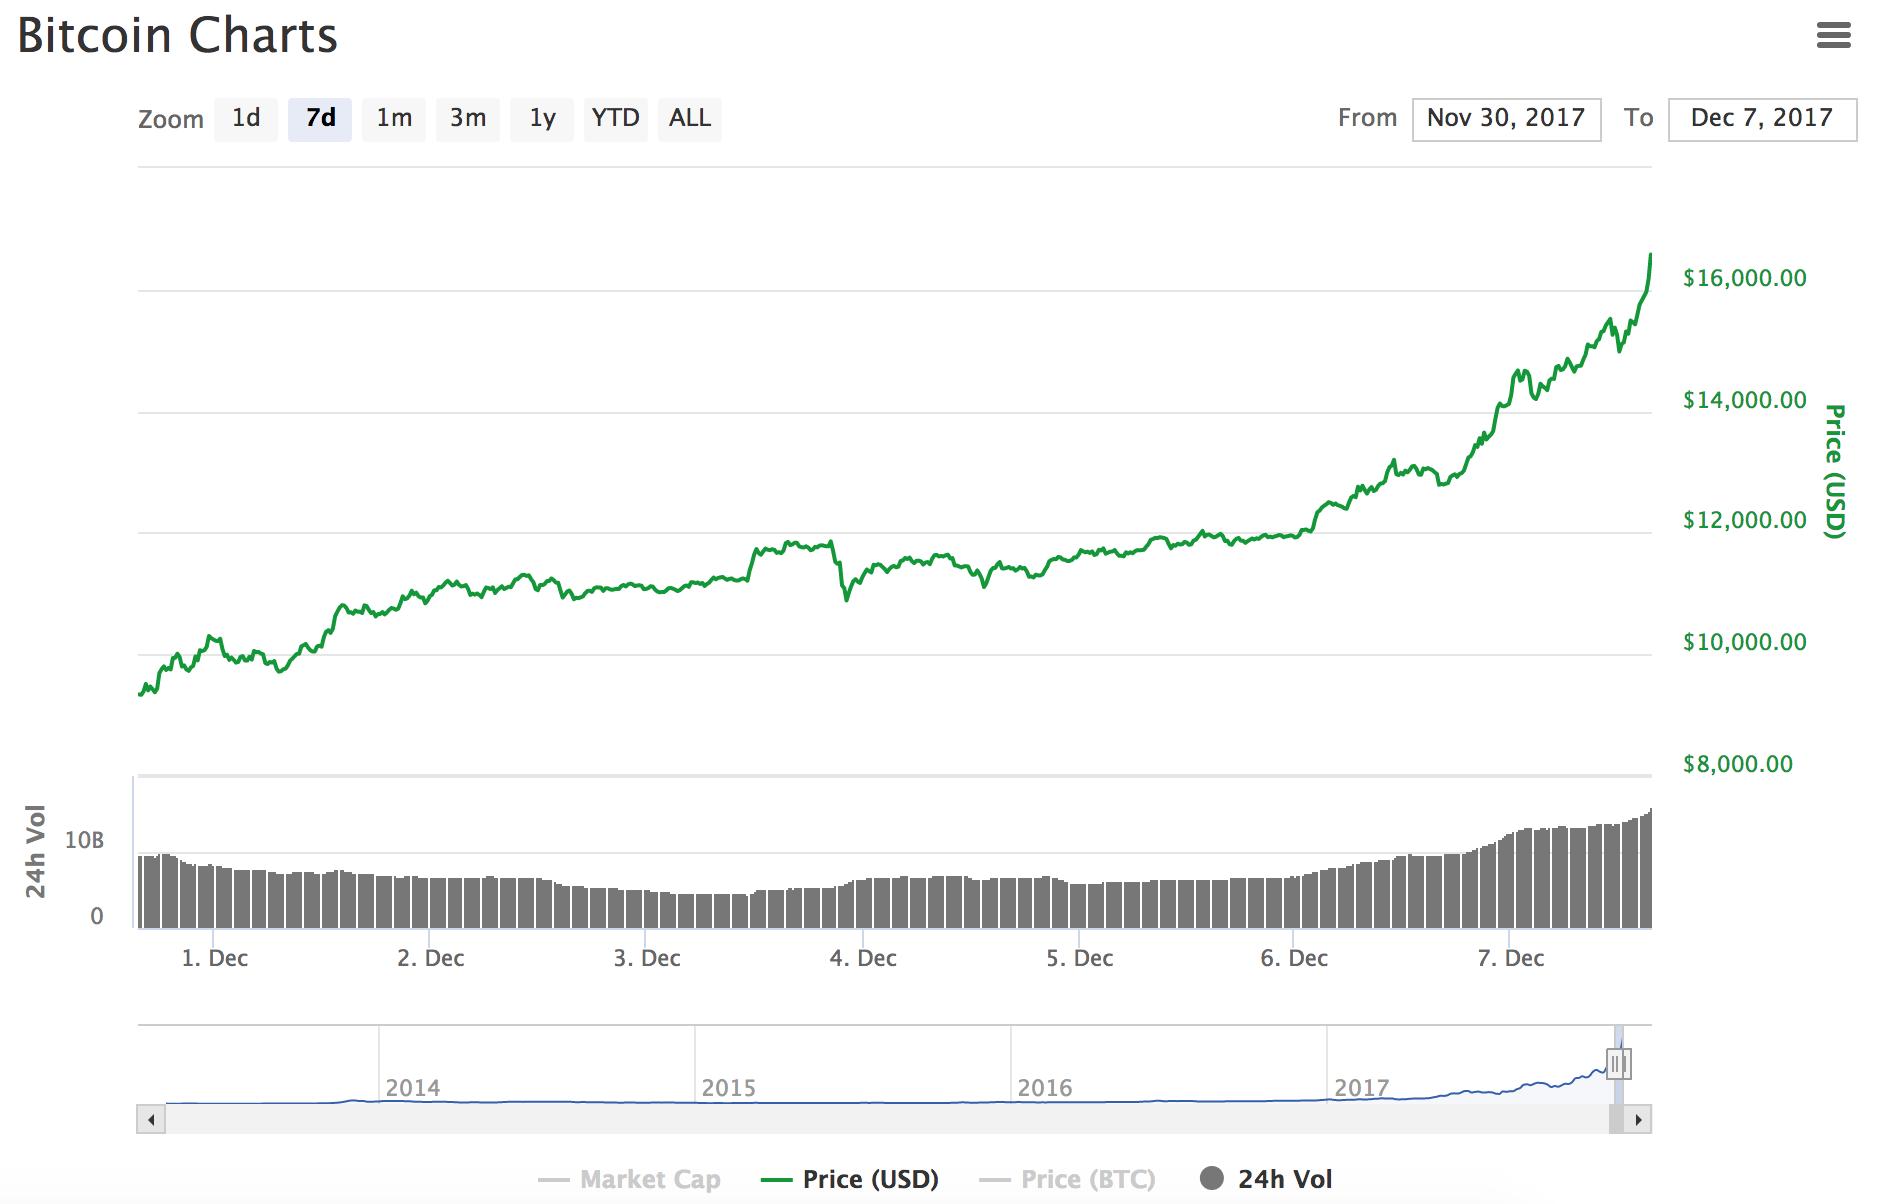 GIá Bitcoin đã vượt mốc 16.000 USD - ảnh 2